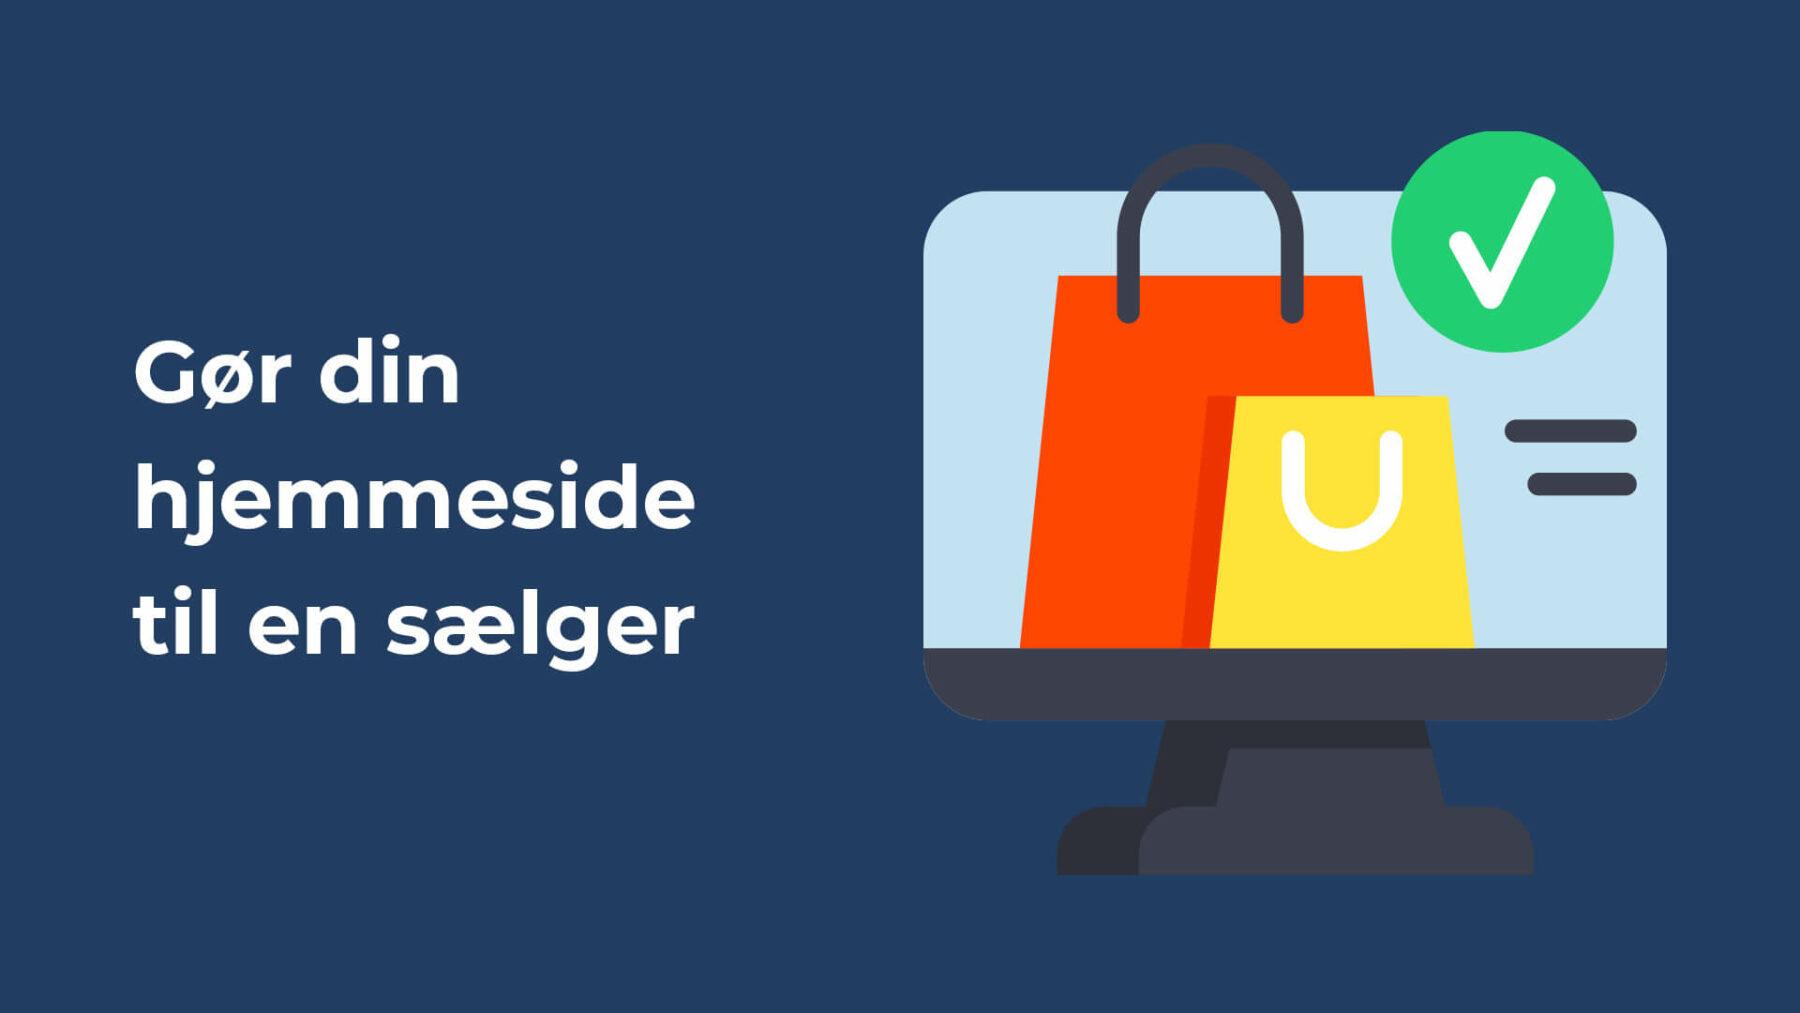 Gør din hjemmeside til en sælger header